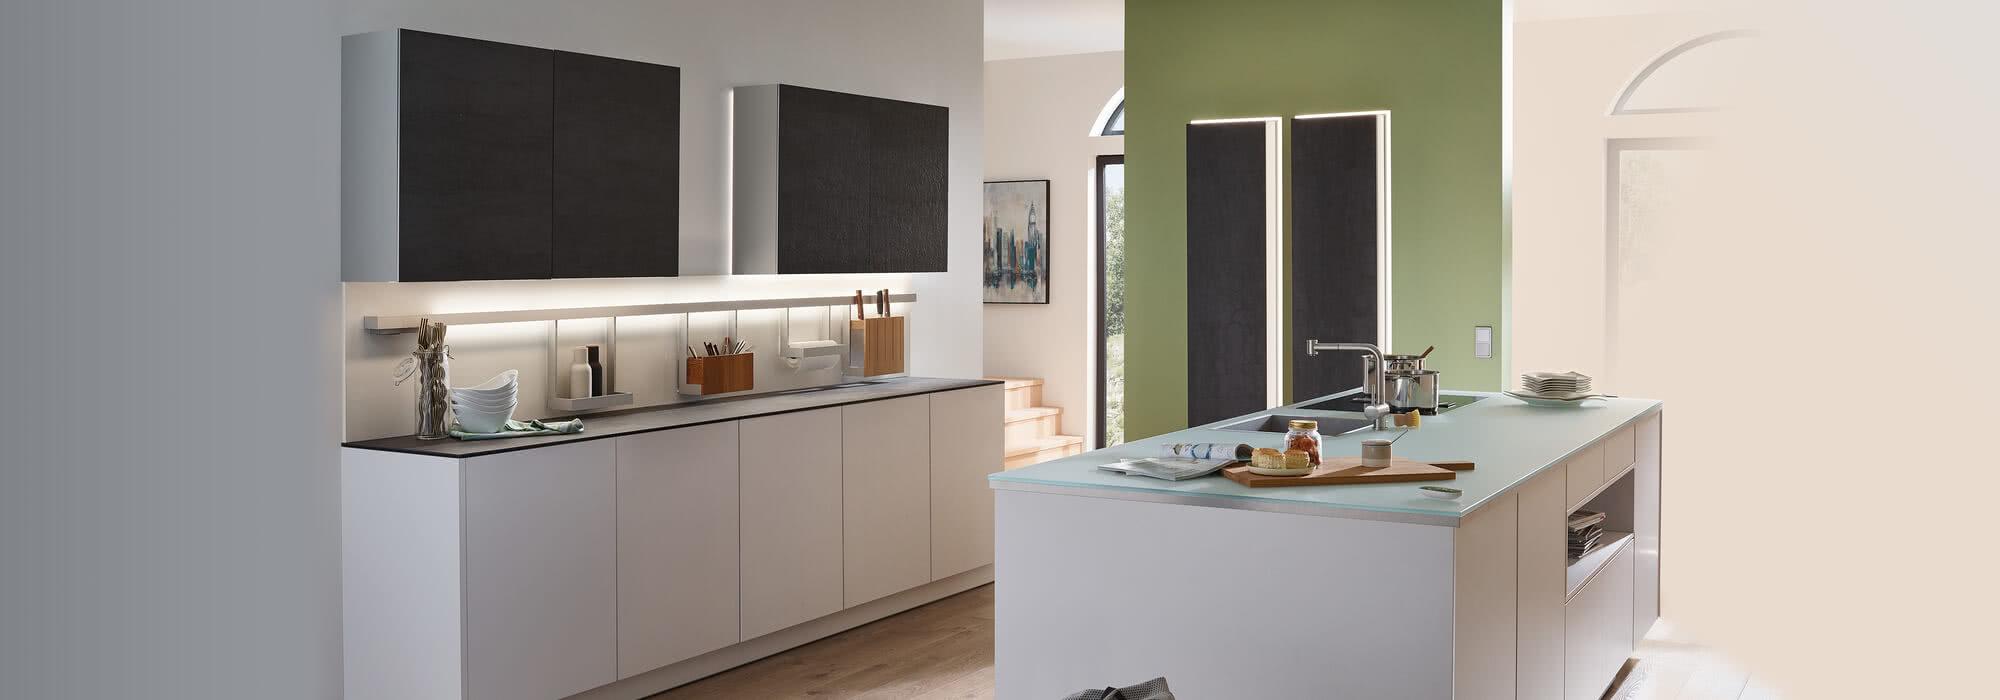 SPRINZ Kitchen World